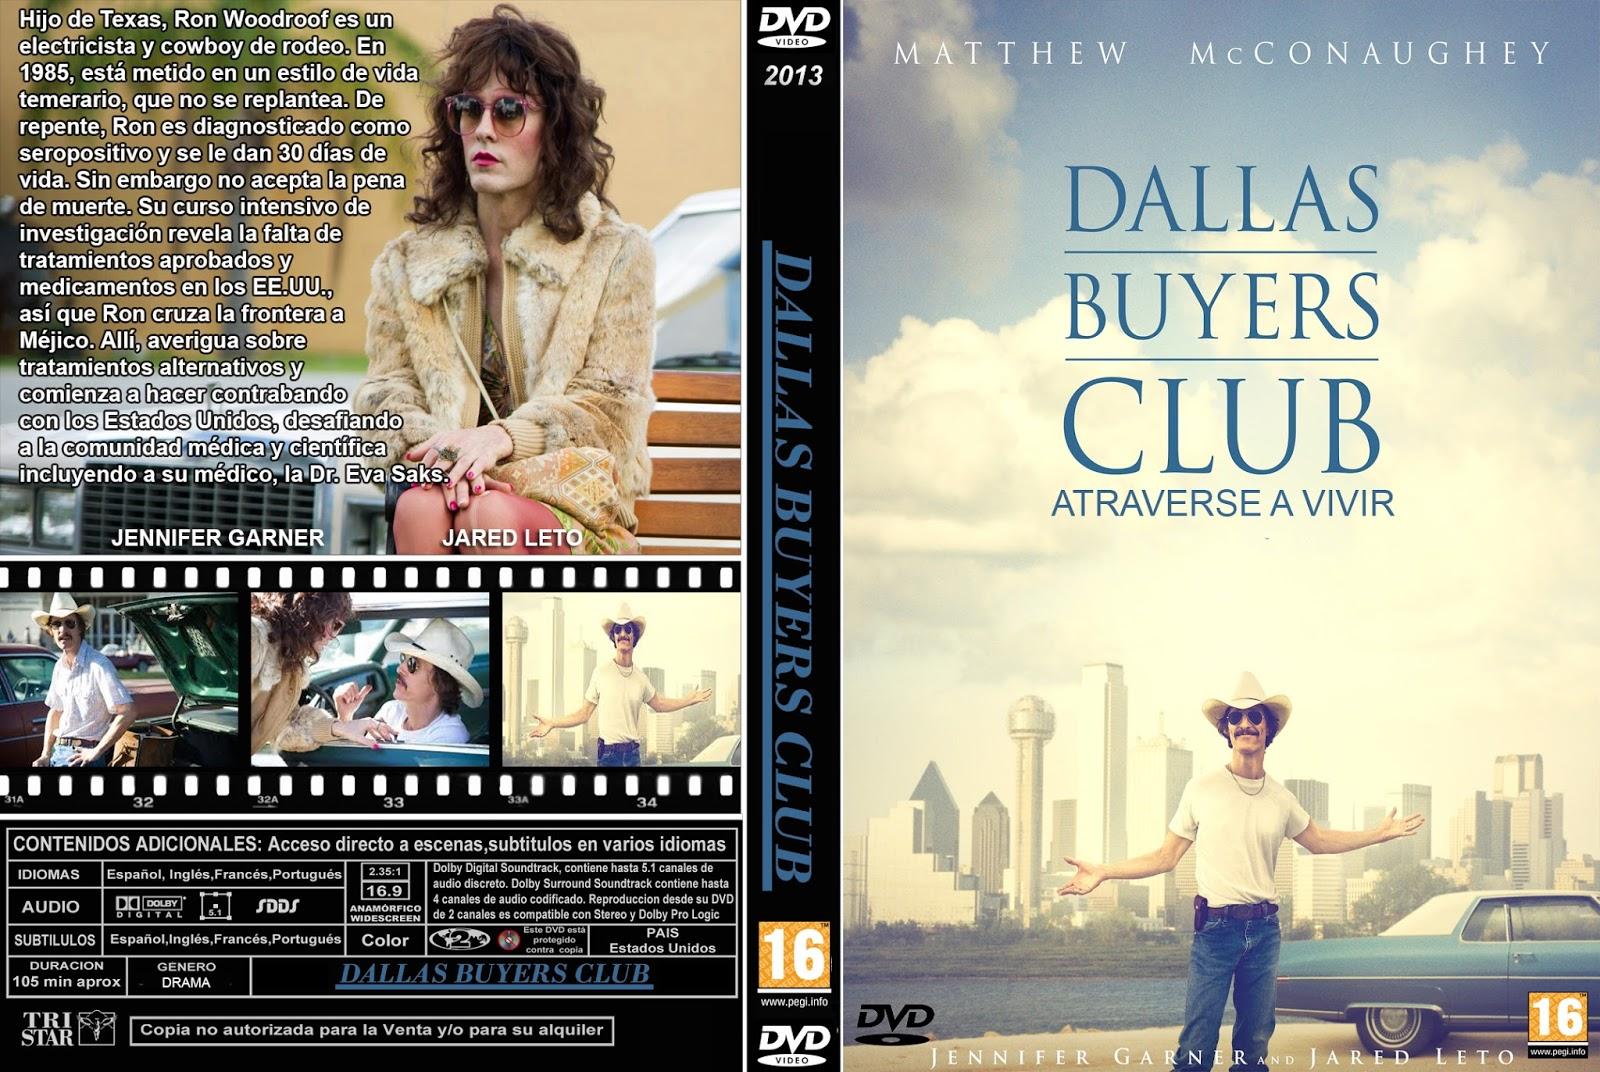 PB | DVD Cover / Caratula FREE: DALLAS BUYERS CLUB - DVD ...  Dallas